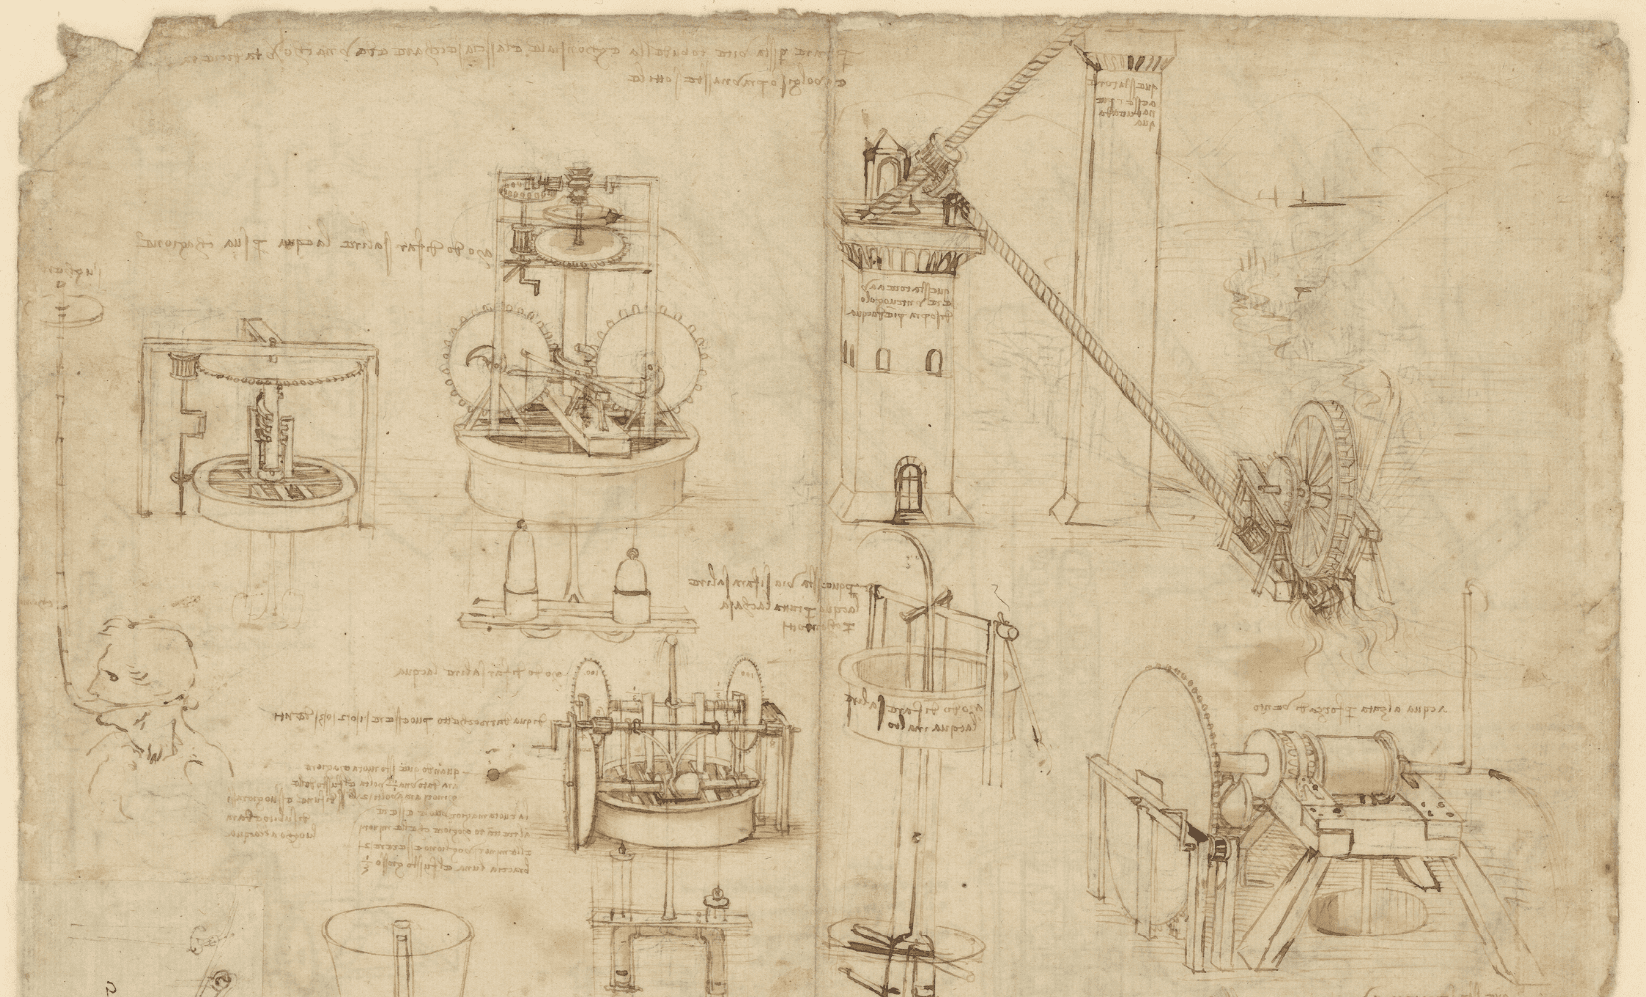 mecanismos de trabajo dibujados en el codice atlantico de leonardo da vinci